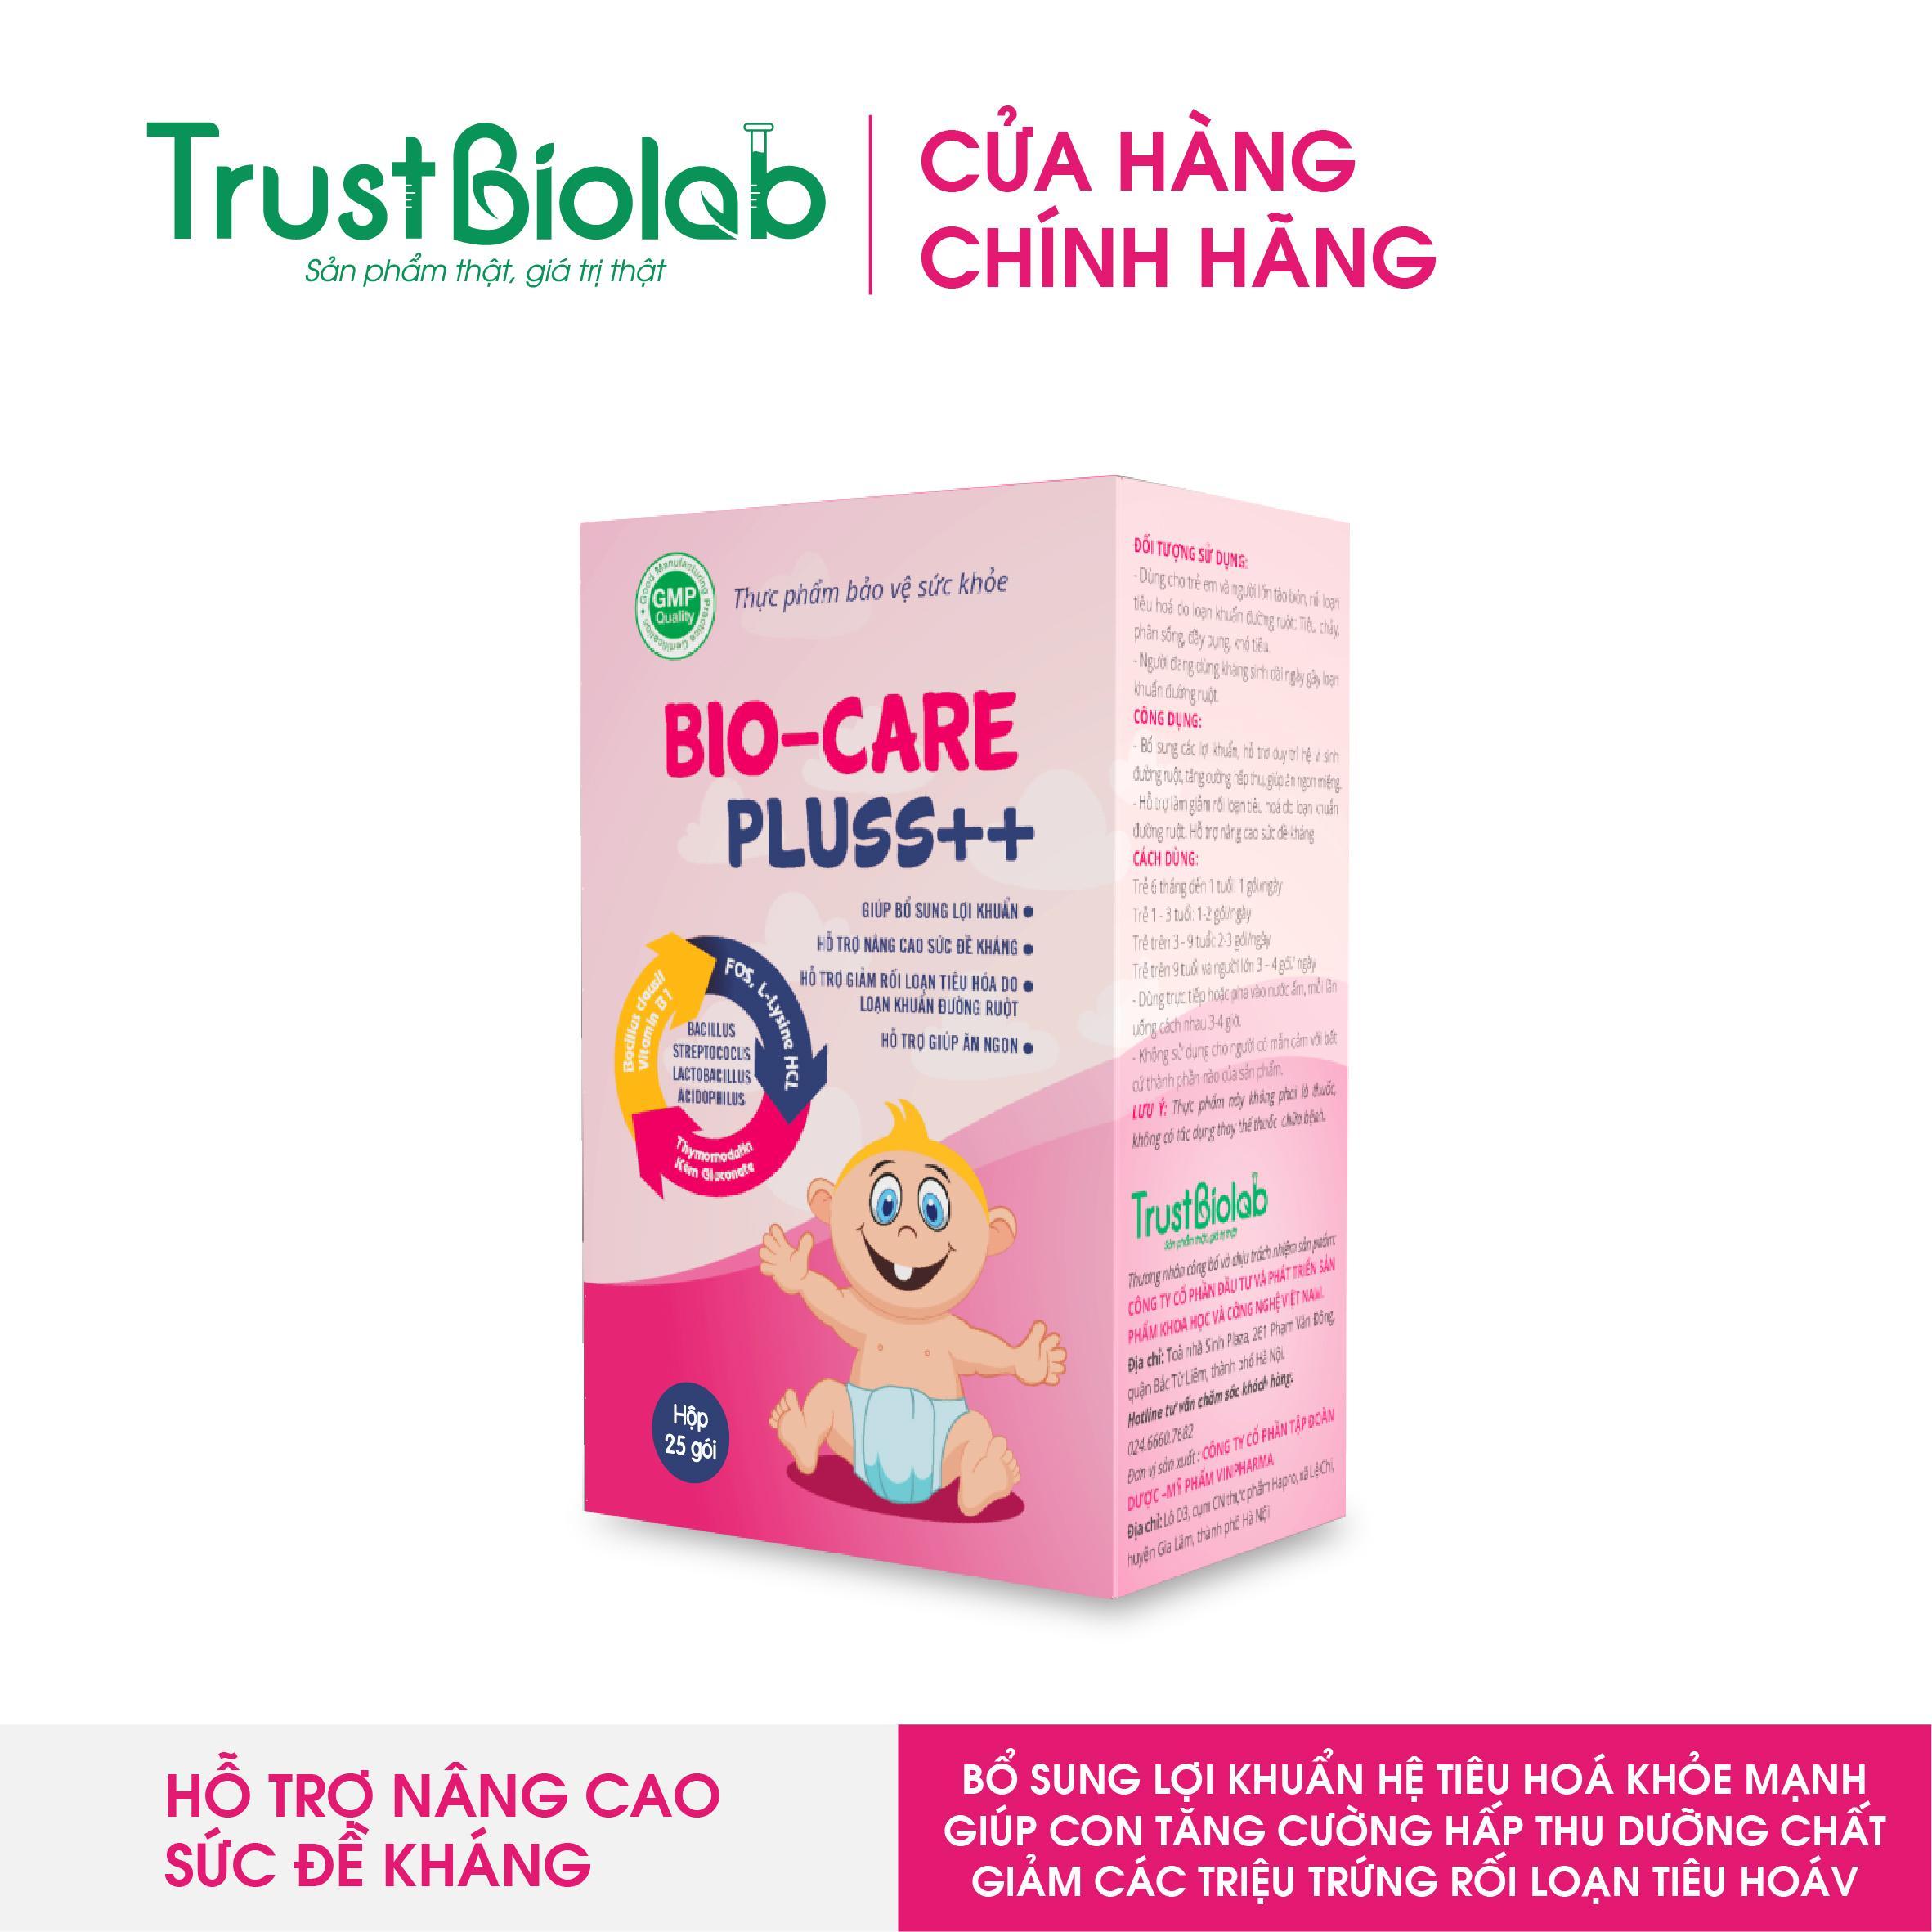 Men tiêu hoá (men vi sinh) BioCare Pluss++ cho trẻ biếng ăn, người lớn rối loạn tiêu hoá, giúp ăn ngon ngủ ngon, tăng cân cao cấp